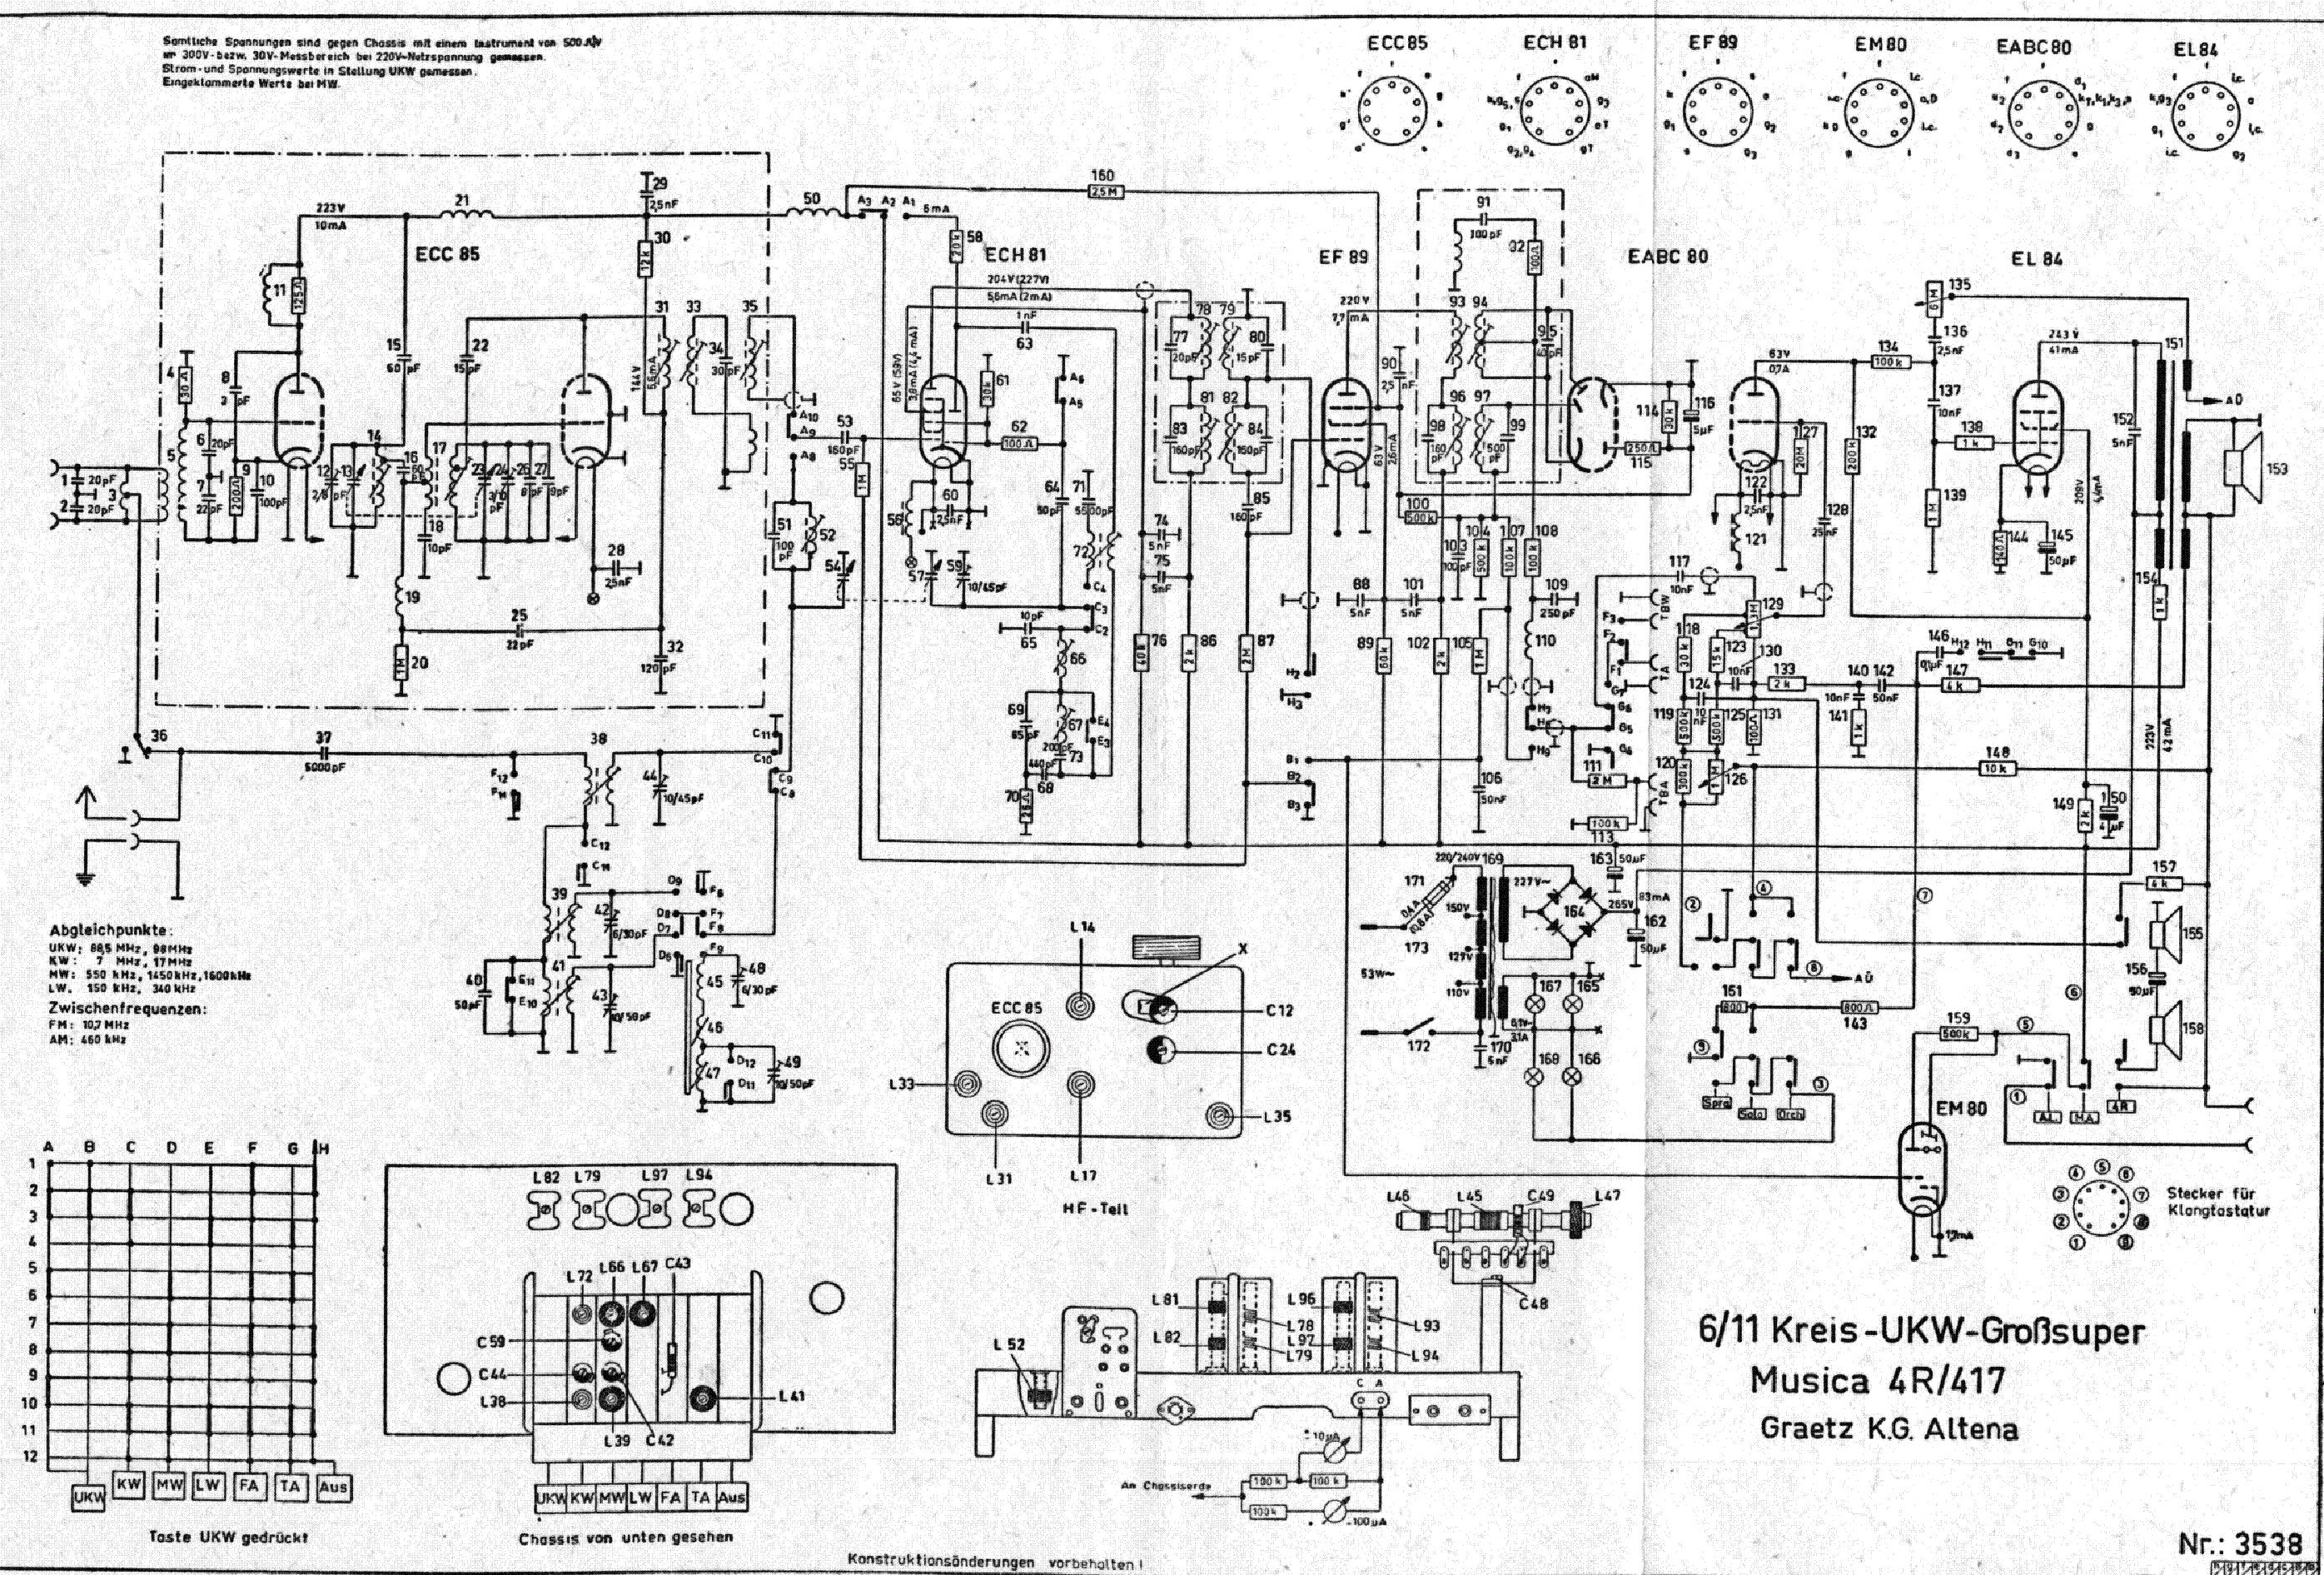 GRAETZ MUSICA 4R 417 Service Manual download, schematics, eeprom ...